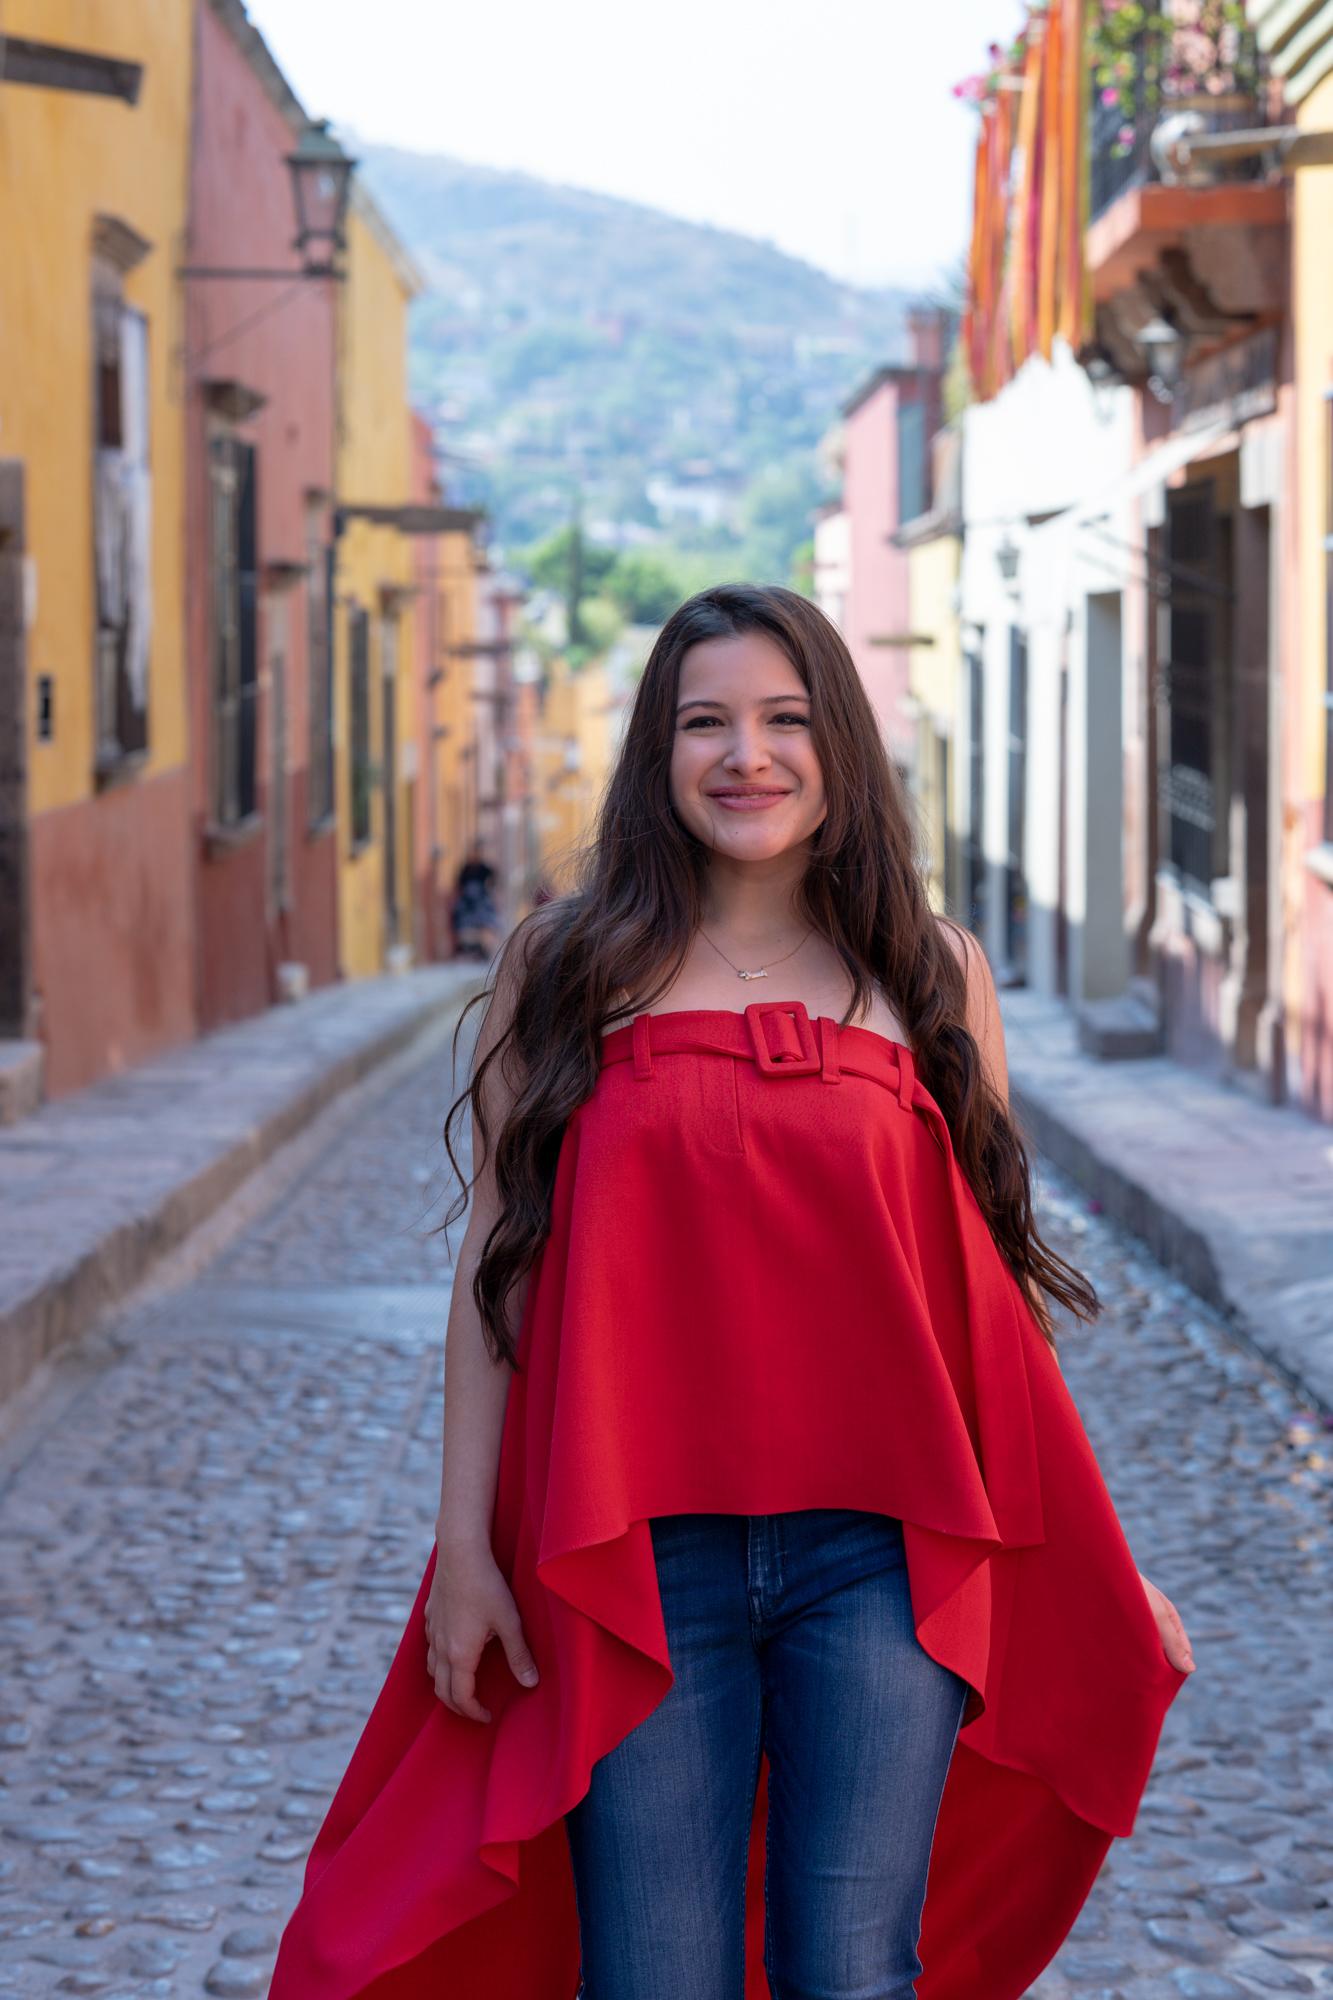 Sesion de Fotos en San Miguel de Allende con Rogelio y su Fmailia-5.jpg